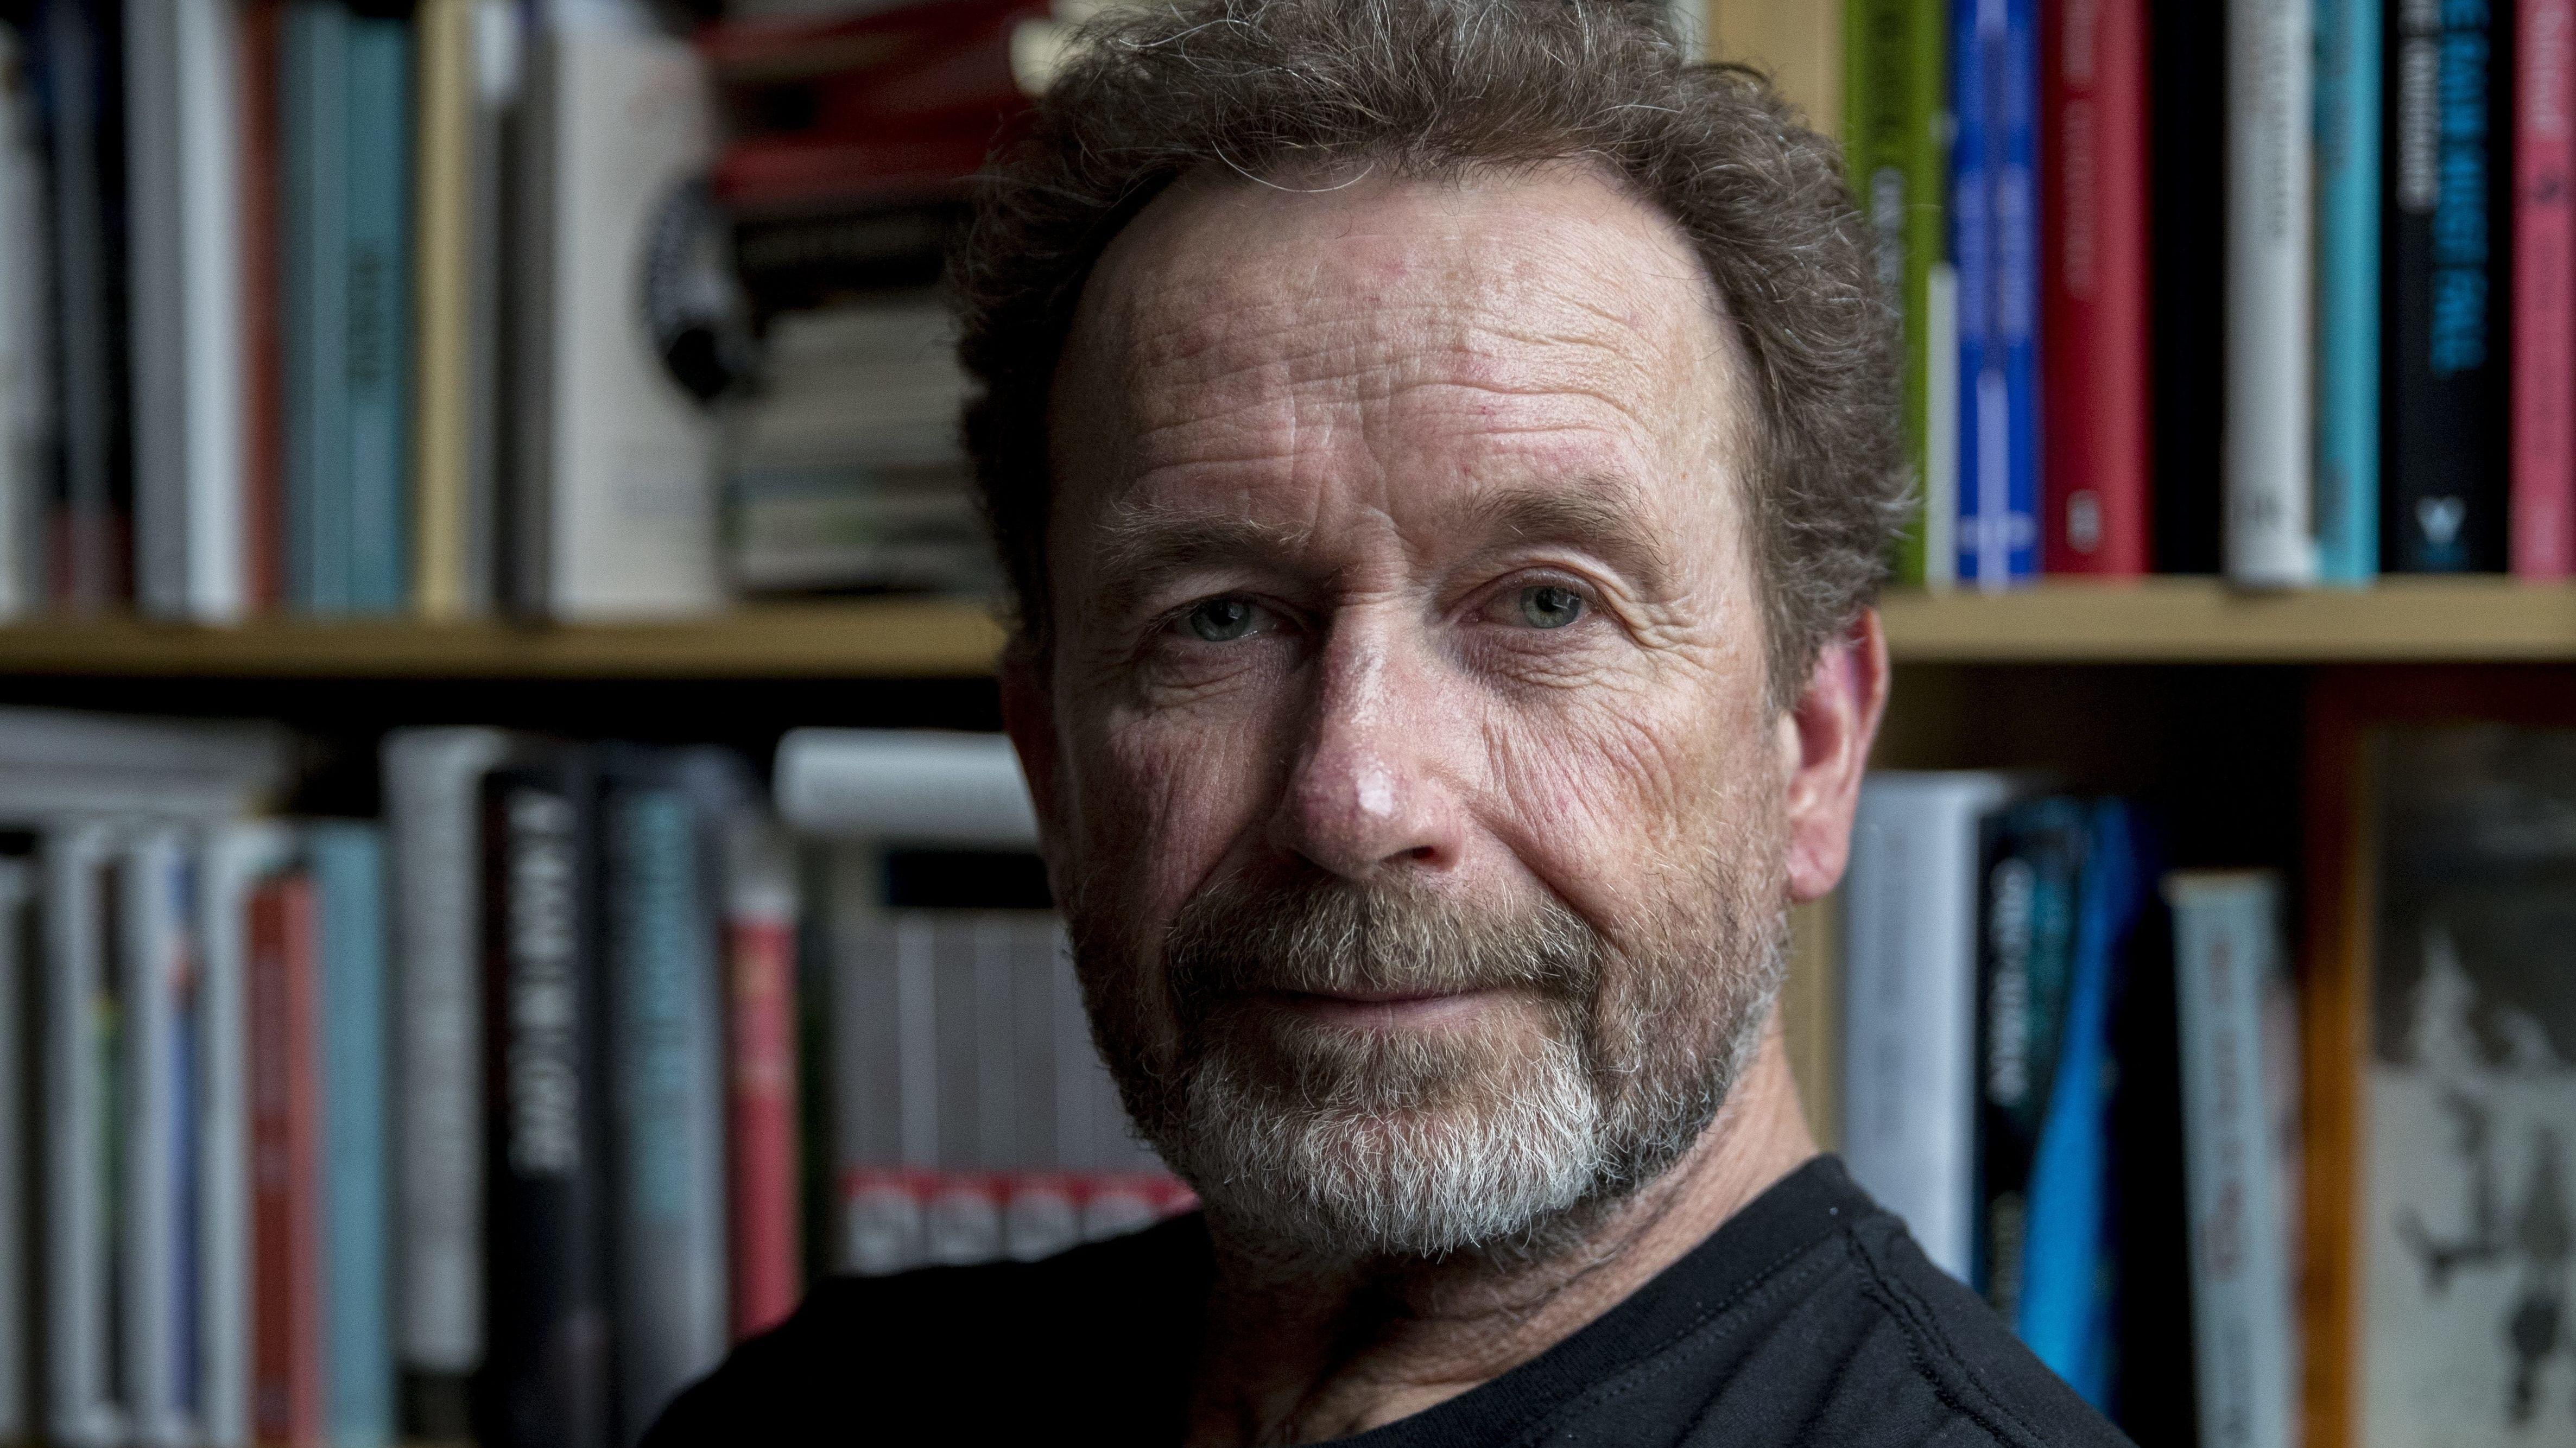 Per Petterson schaut in die Kamera. Er trägt Dreitagebart und hat leicht lichte, dunkelbraune Locken. Er steht vor einem Bücherregal.